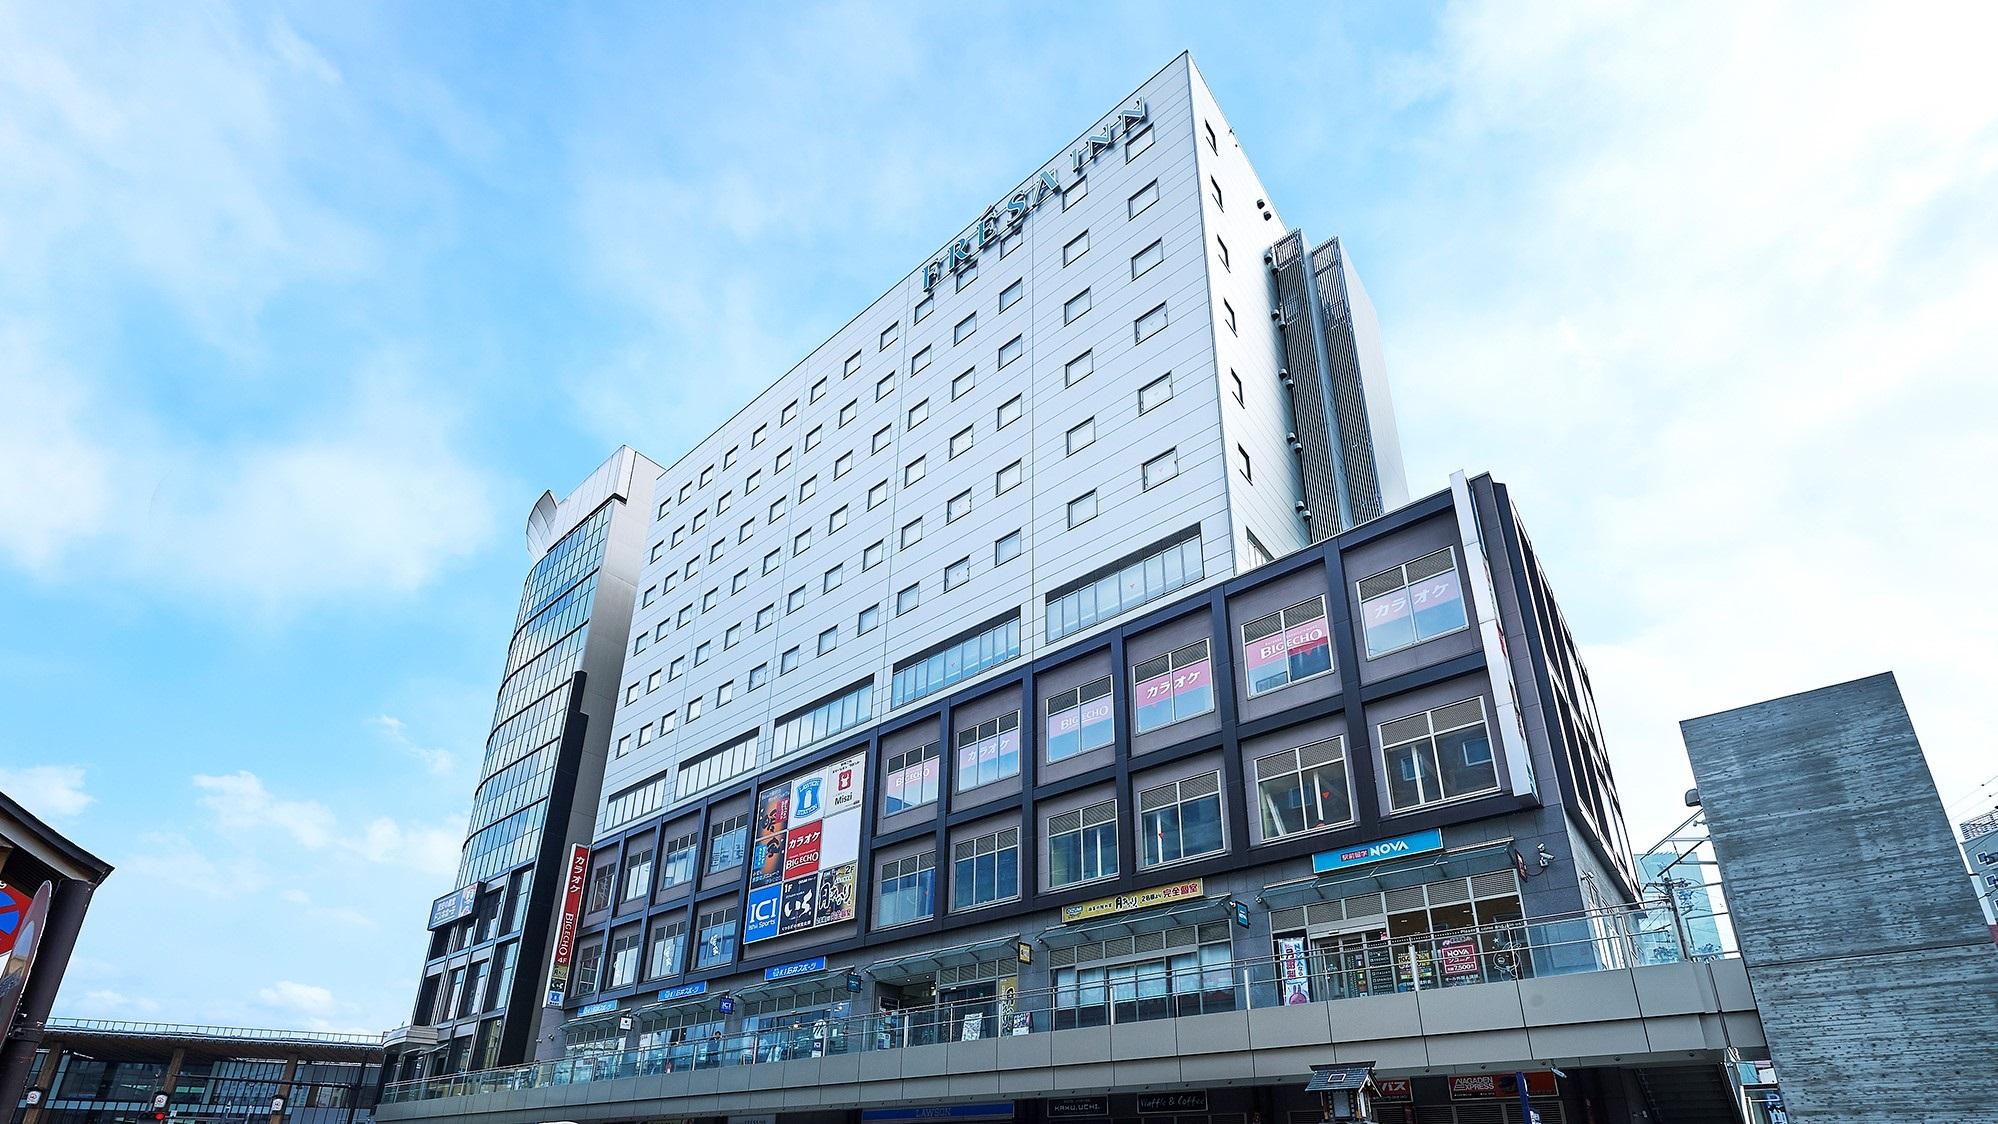 相鉄フレッサイン 長野駅善光寺口(旧:ホテルサンルート長野)